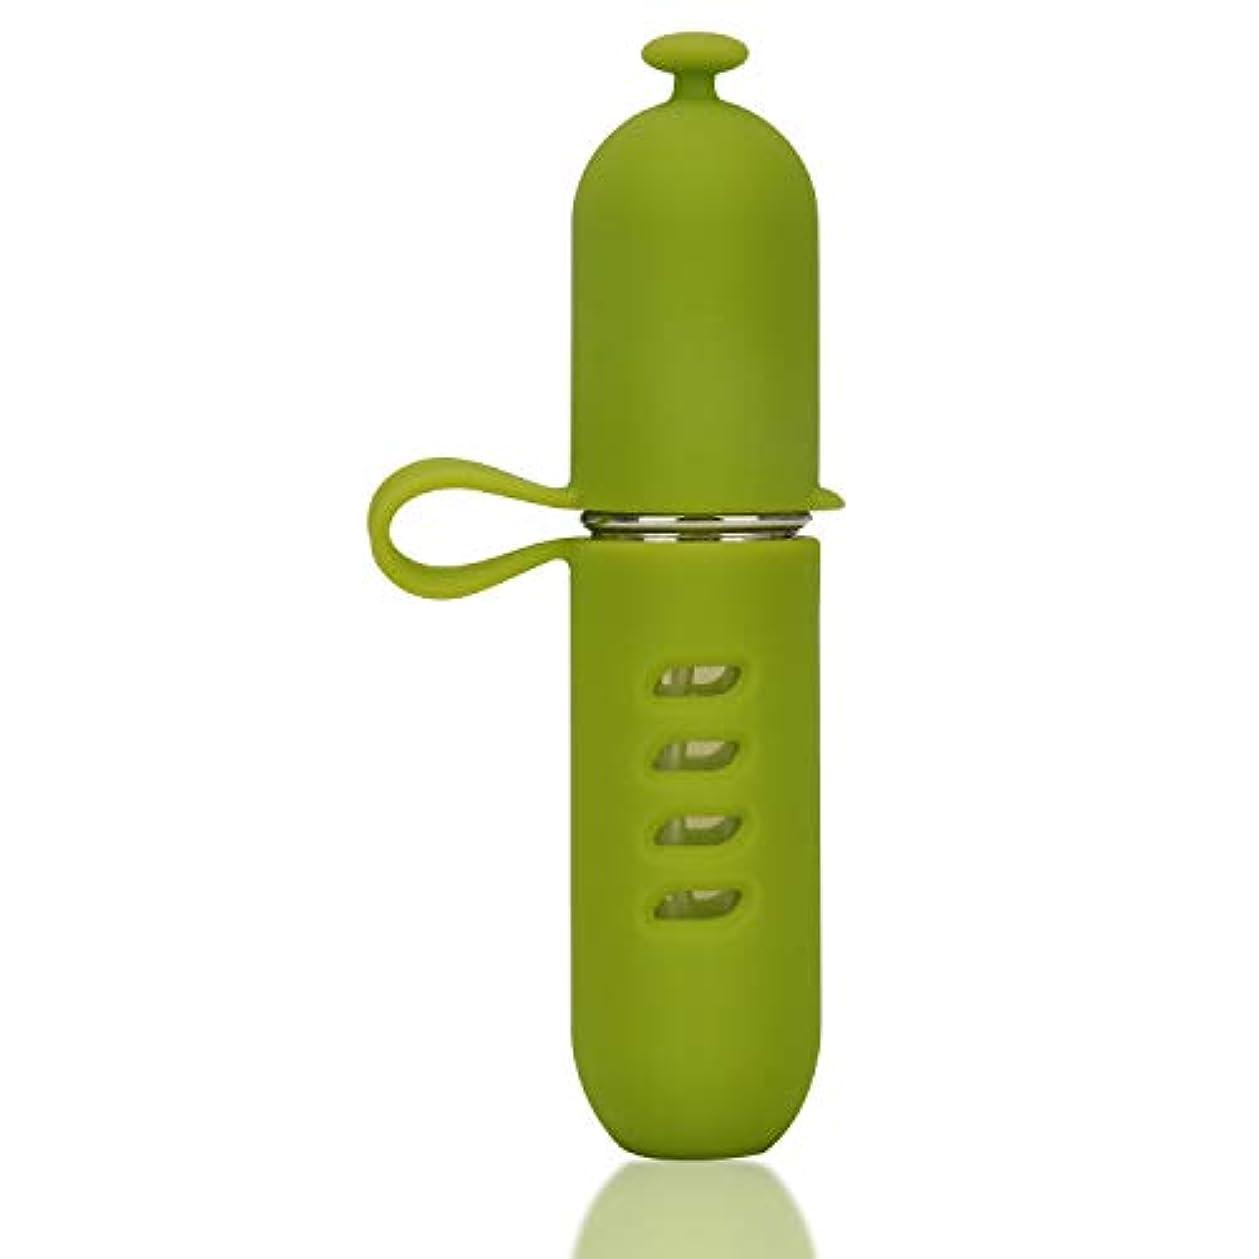 学期アサー想像力MOOMU アトマイザー 香水 スプレー 噴霧器 詰め替え容器 底部充填方式 携帯用5ml (グリーン)